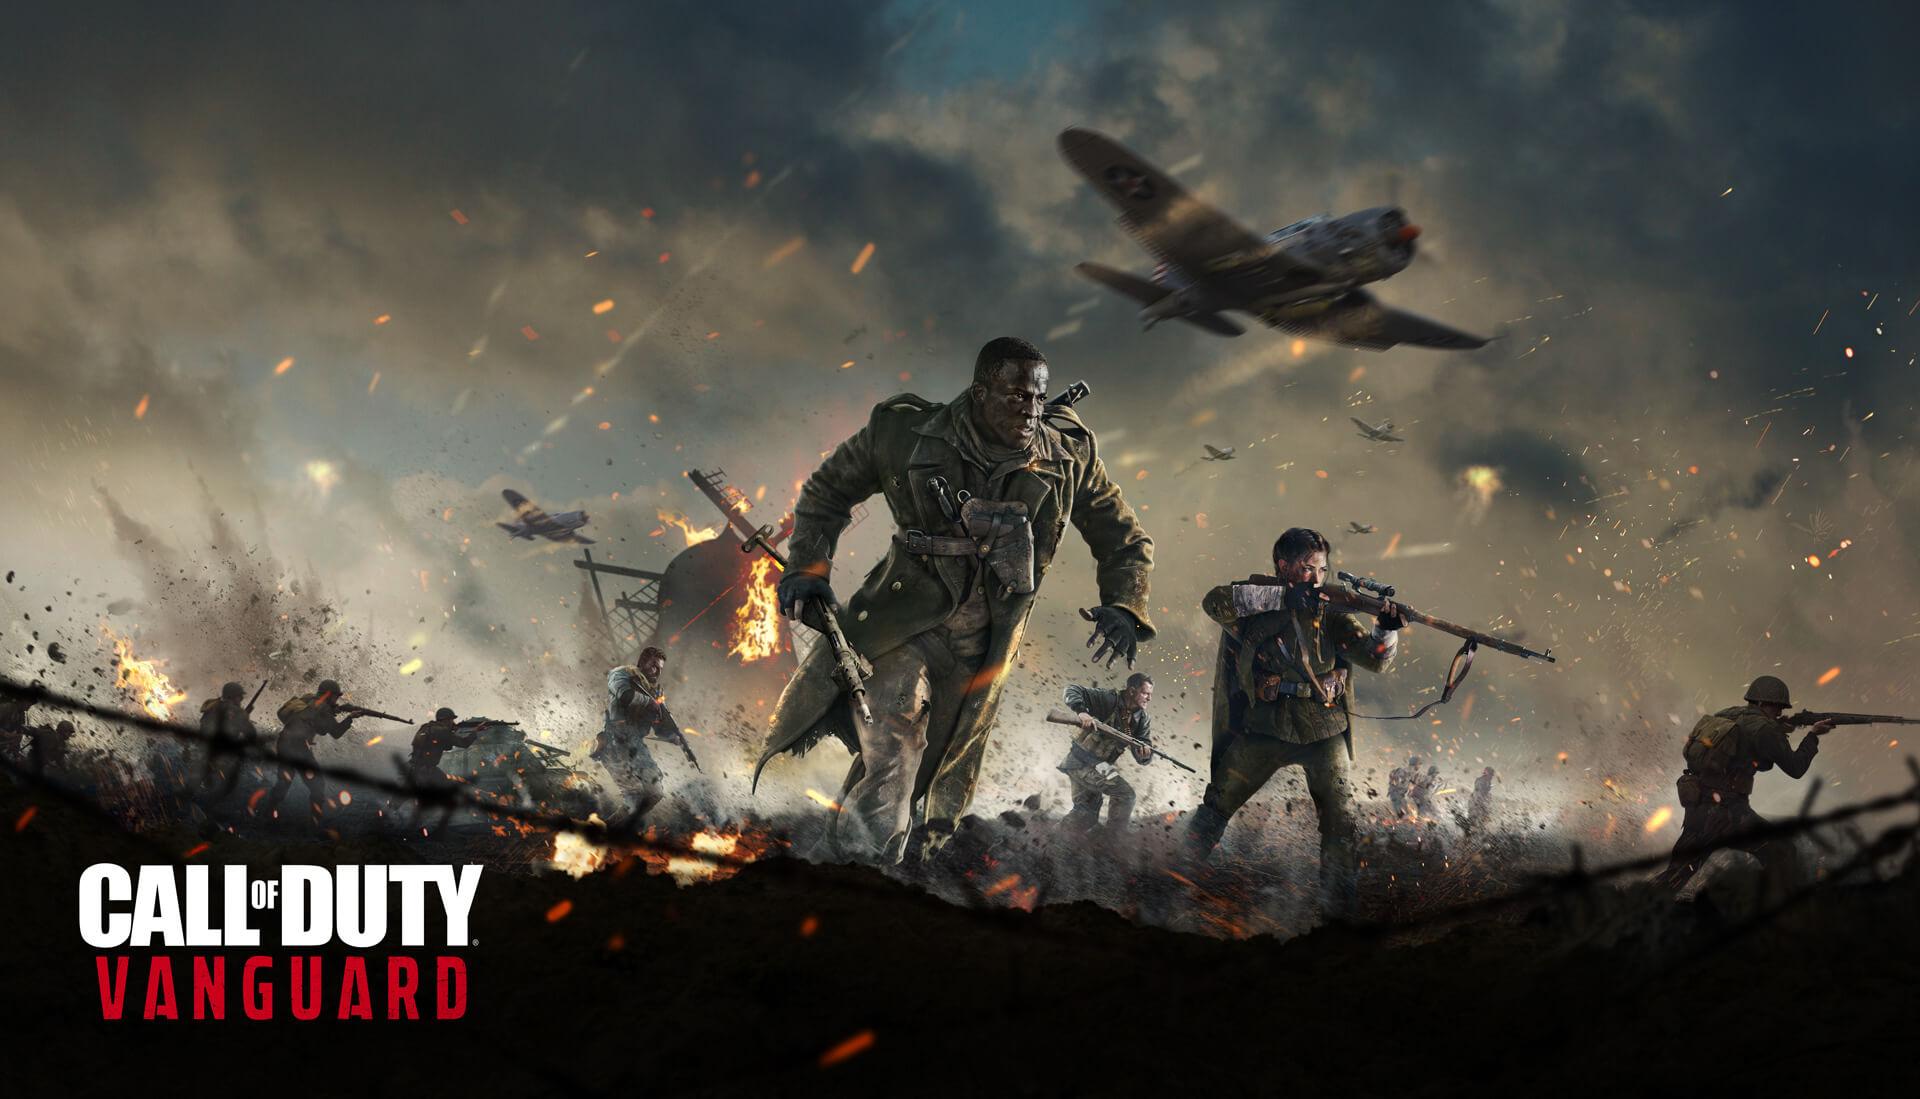 Call of Duty Vanguard tendrá un alpha exclusivo en PS5 y PS4 este fin de semana